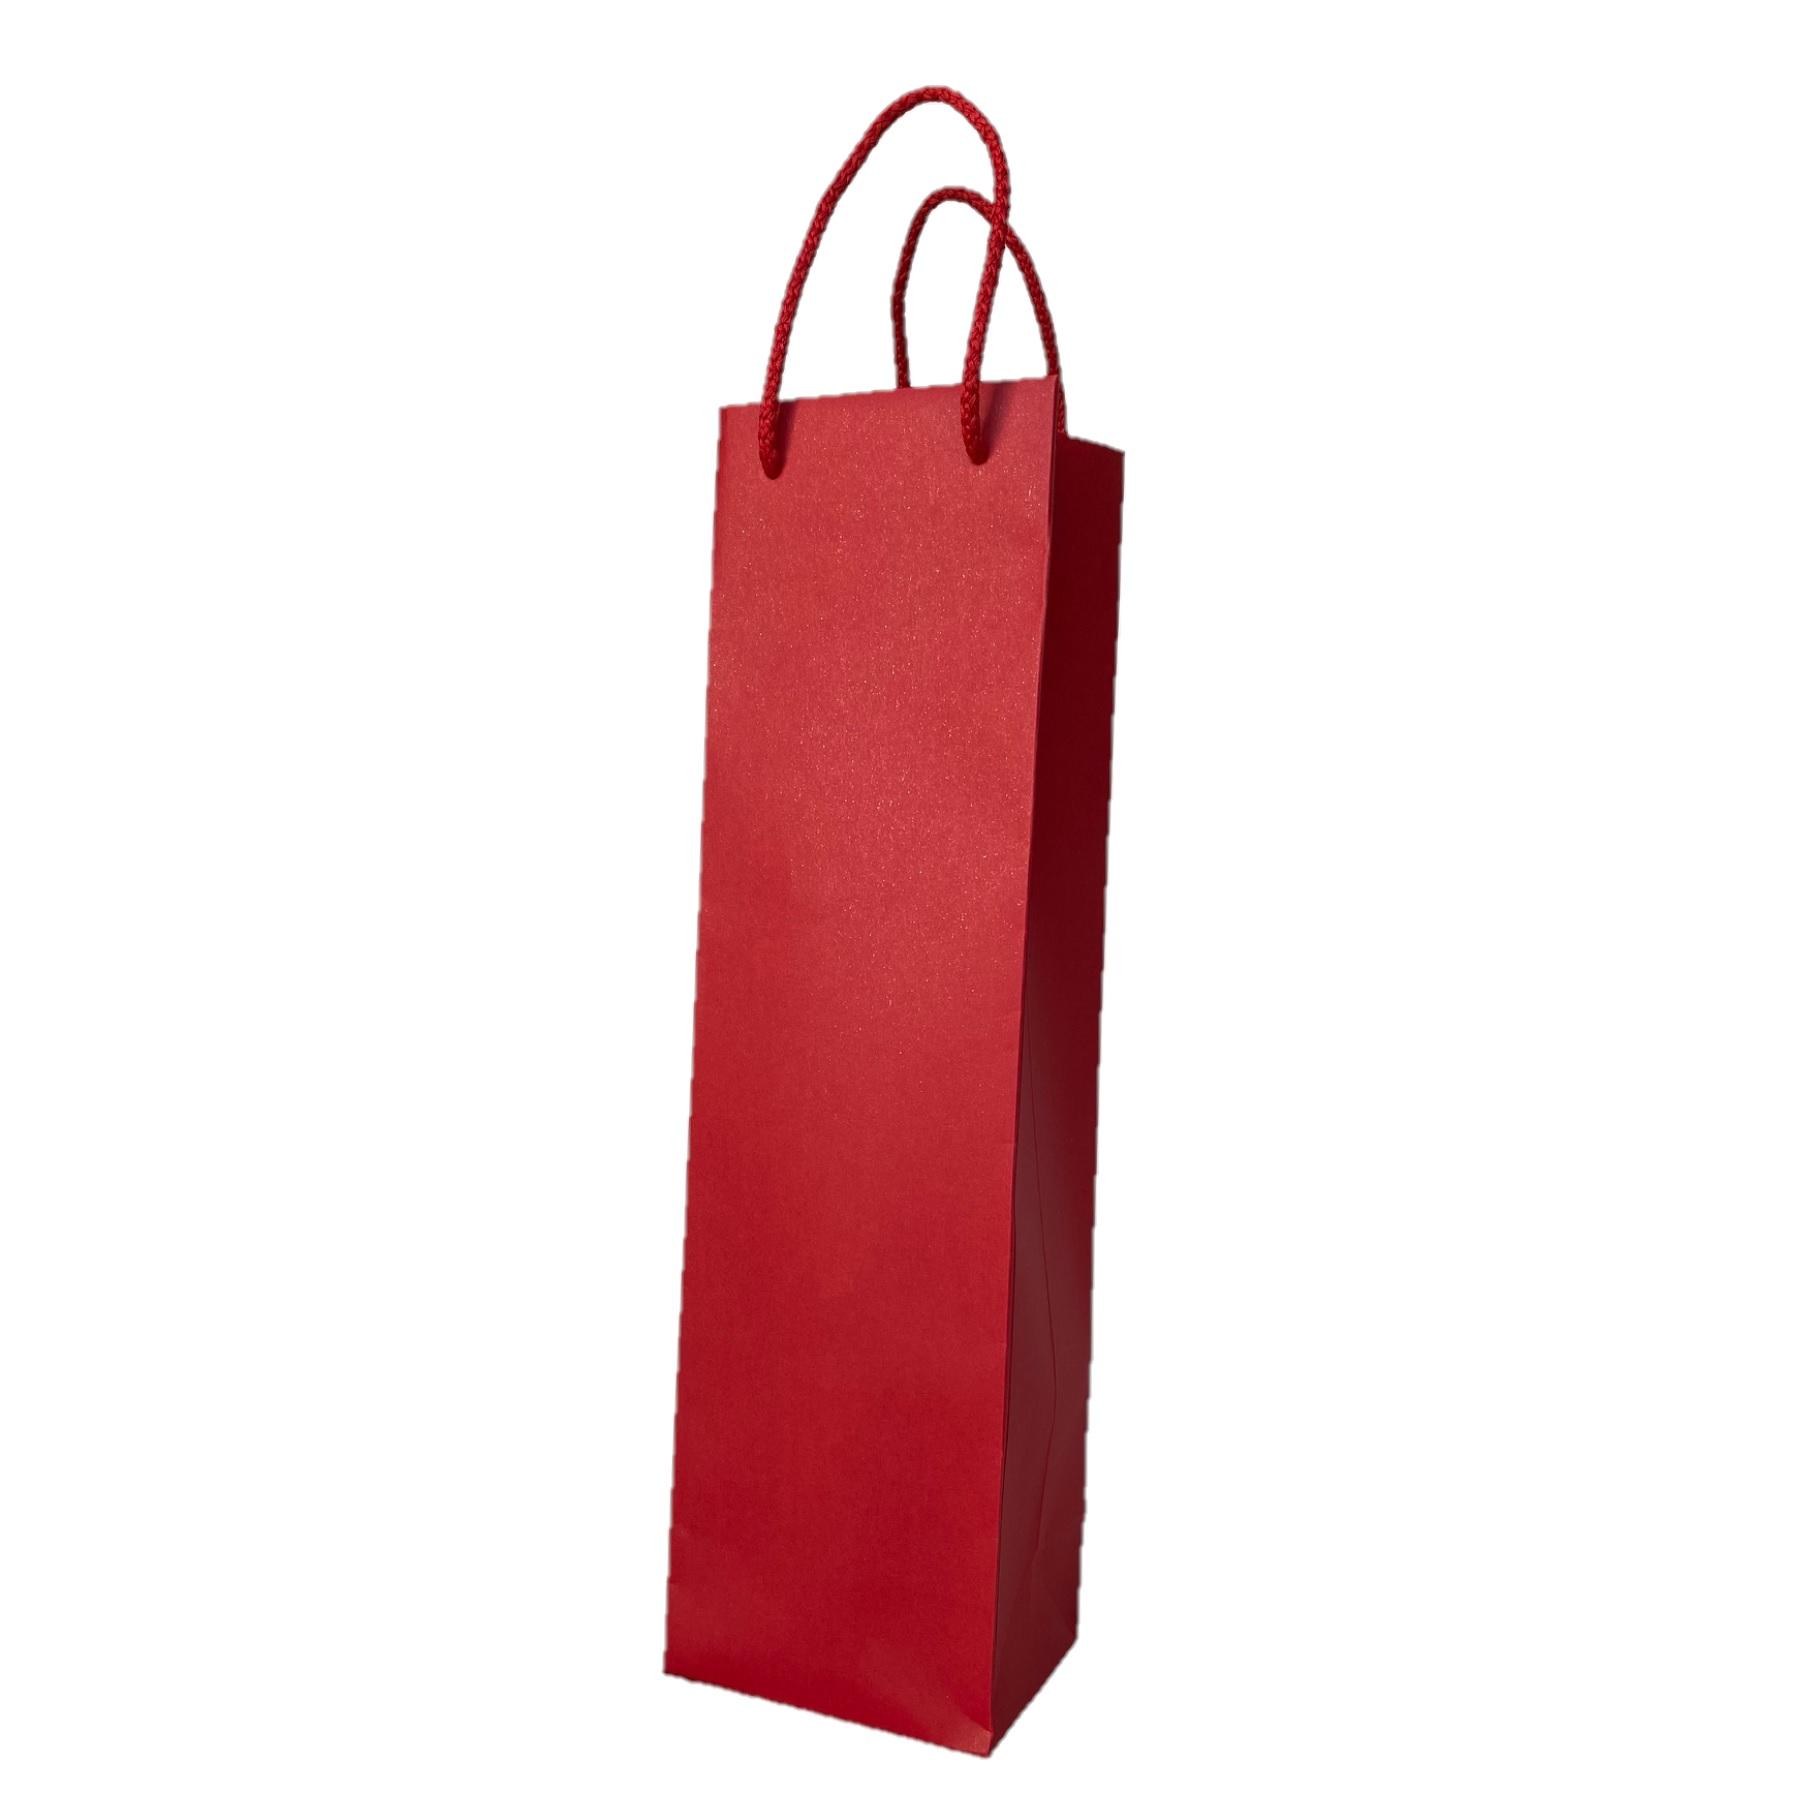 Pudeli kinkekott nöörsangaga punane